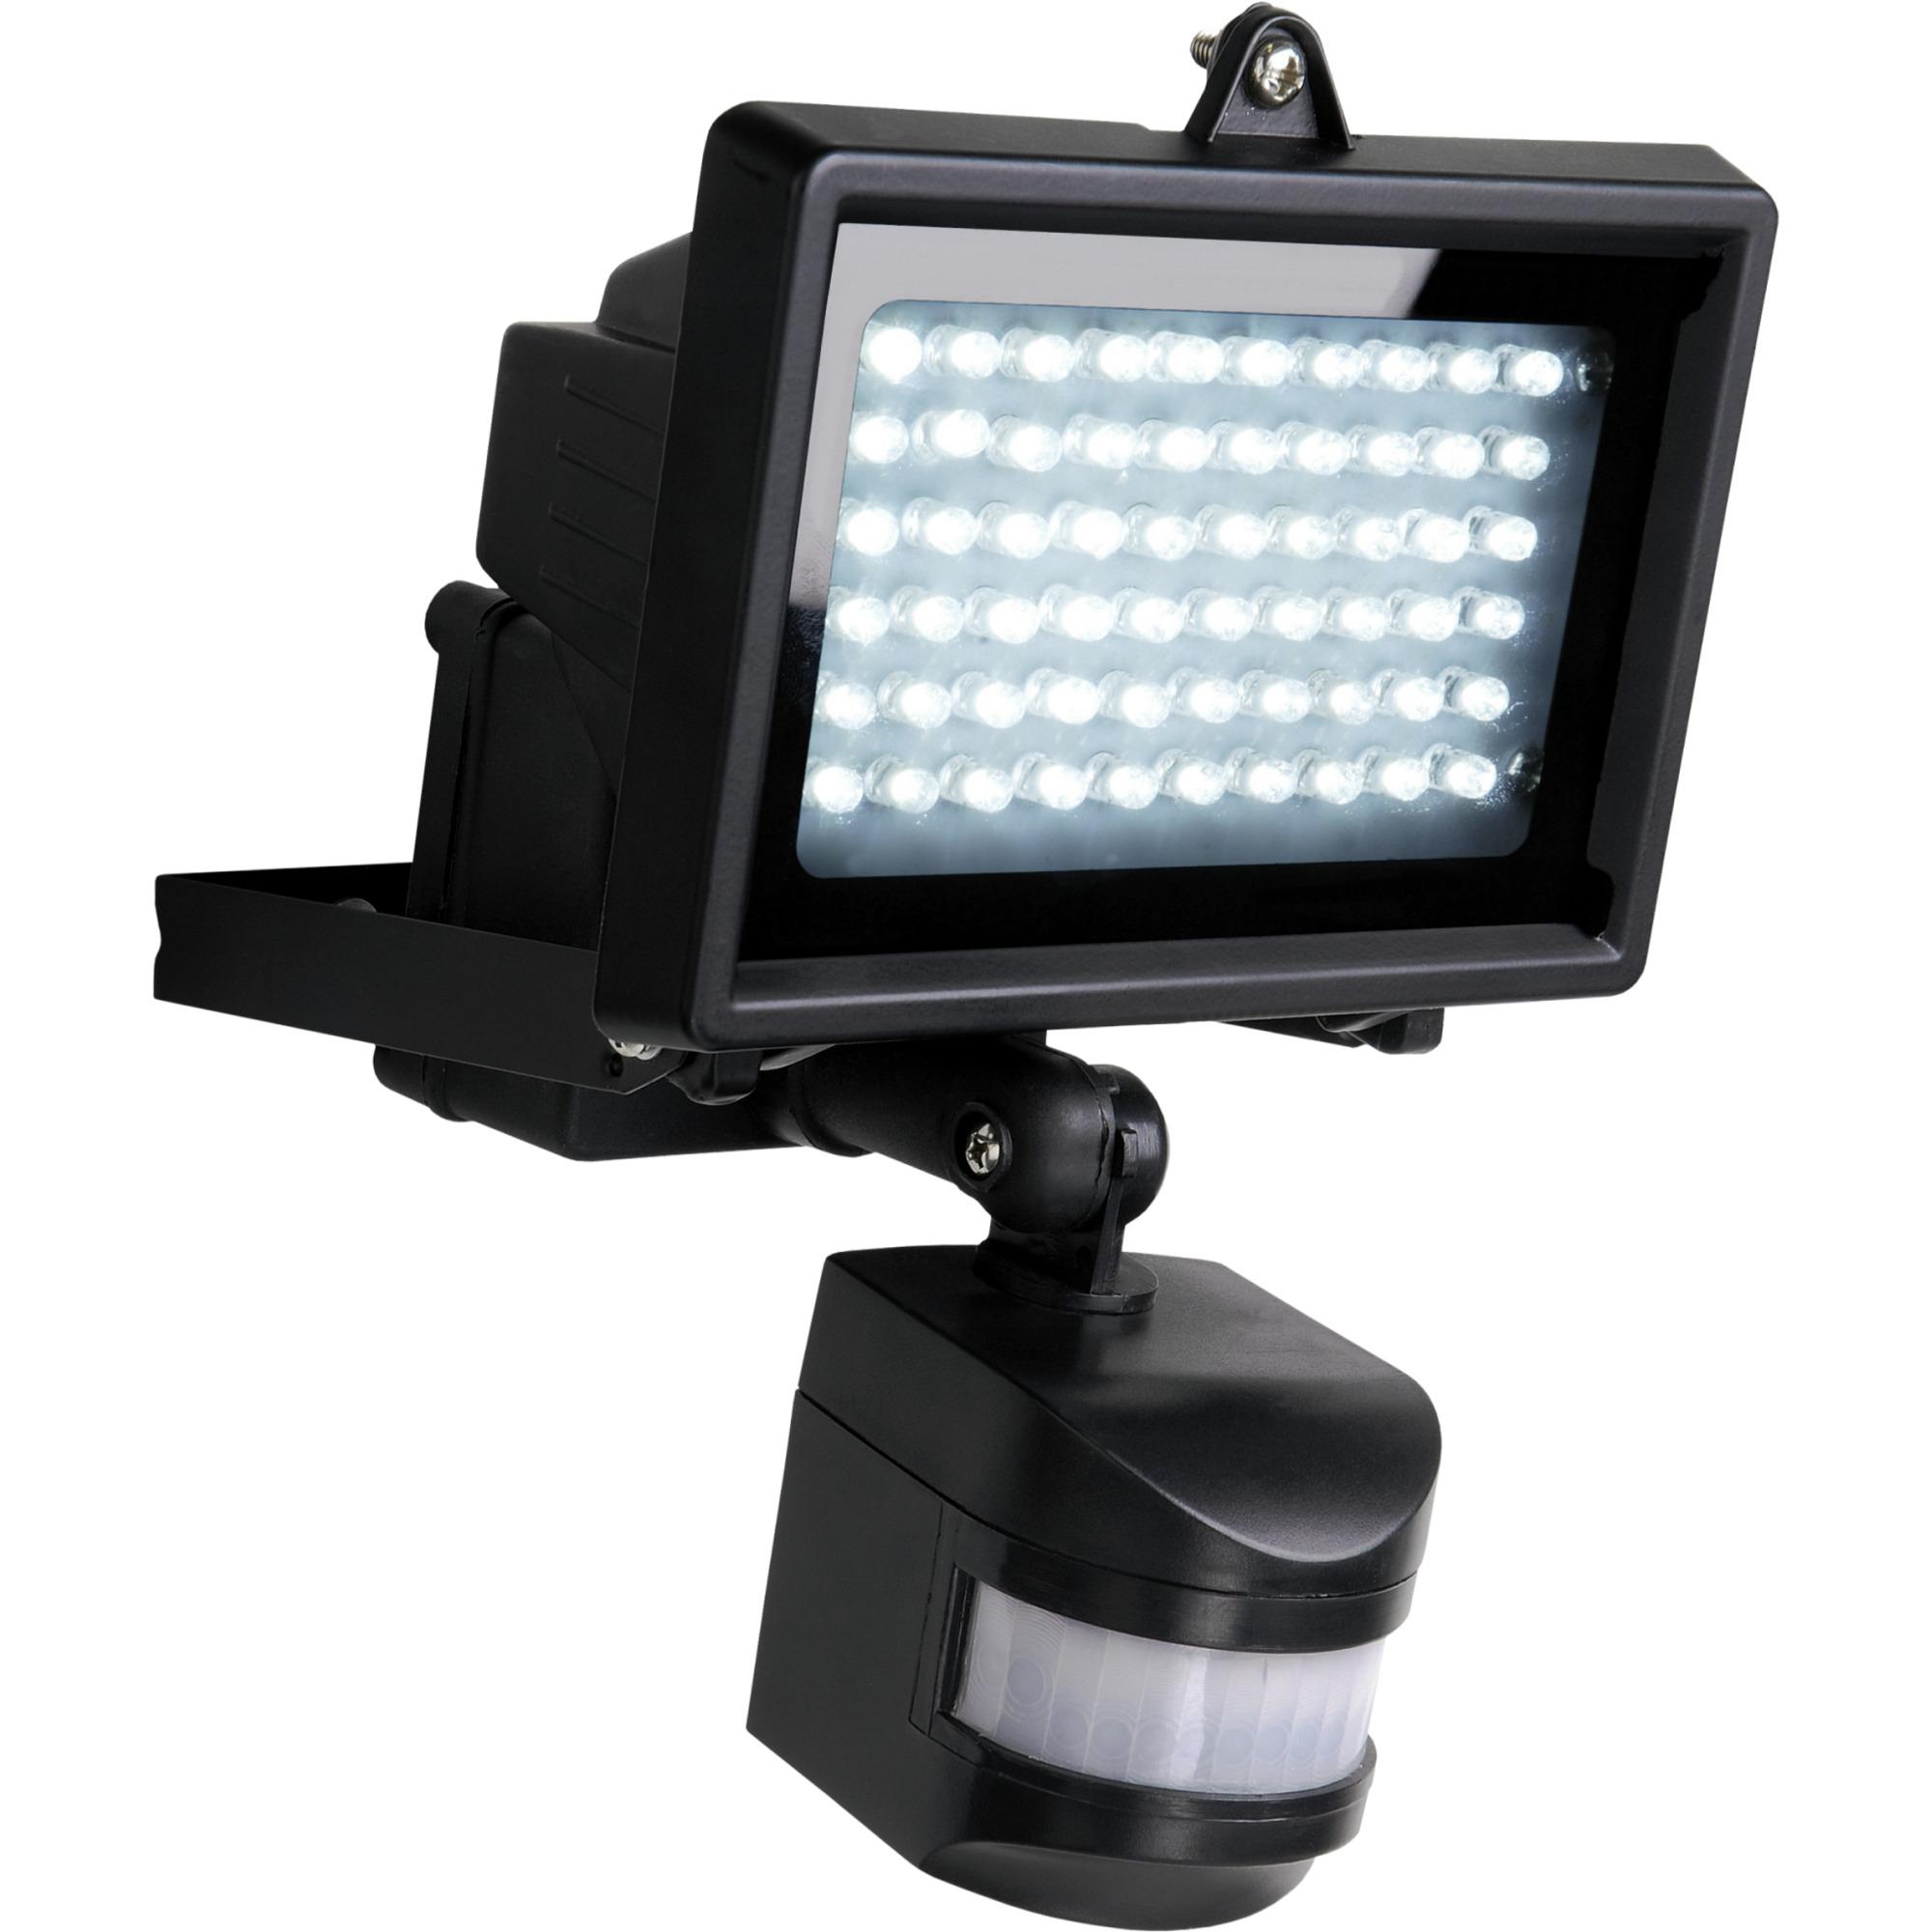 projecteur avec d t cteur de mouvement gamma 60 led clairage ext rieur capteur clairage. Black Bedroom Furniture Sets. Home Design Ideas